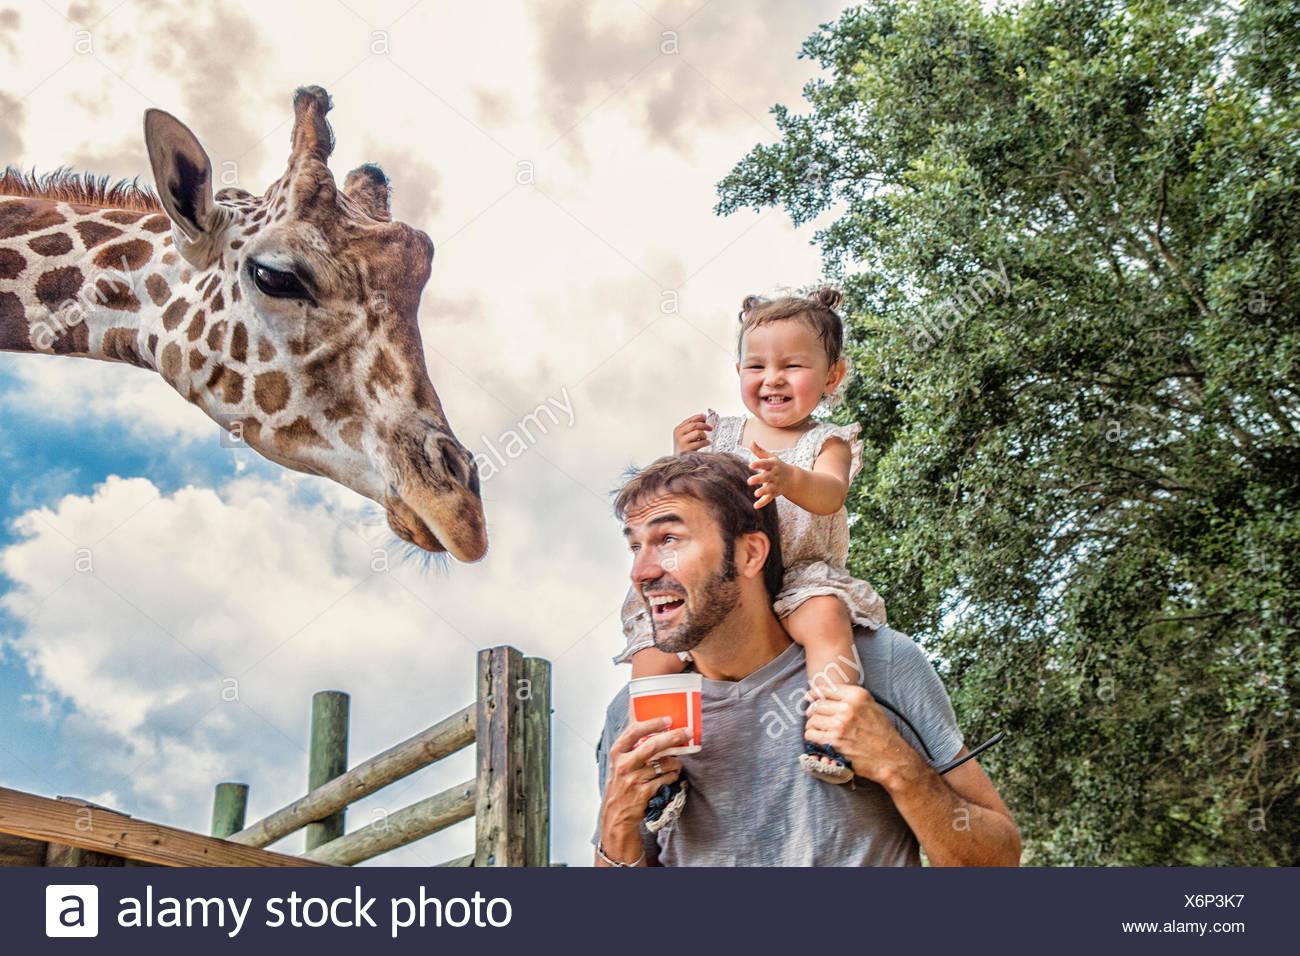 Kichernde Mädchen auf Väter Schultern Fütterung Giraffen im zoo Stockbild